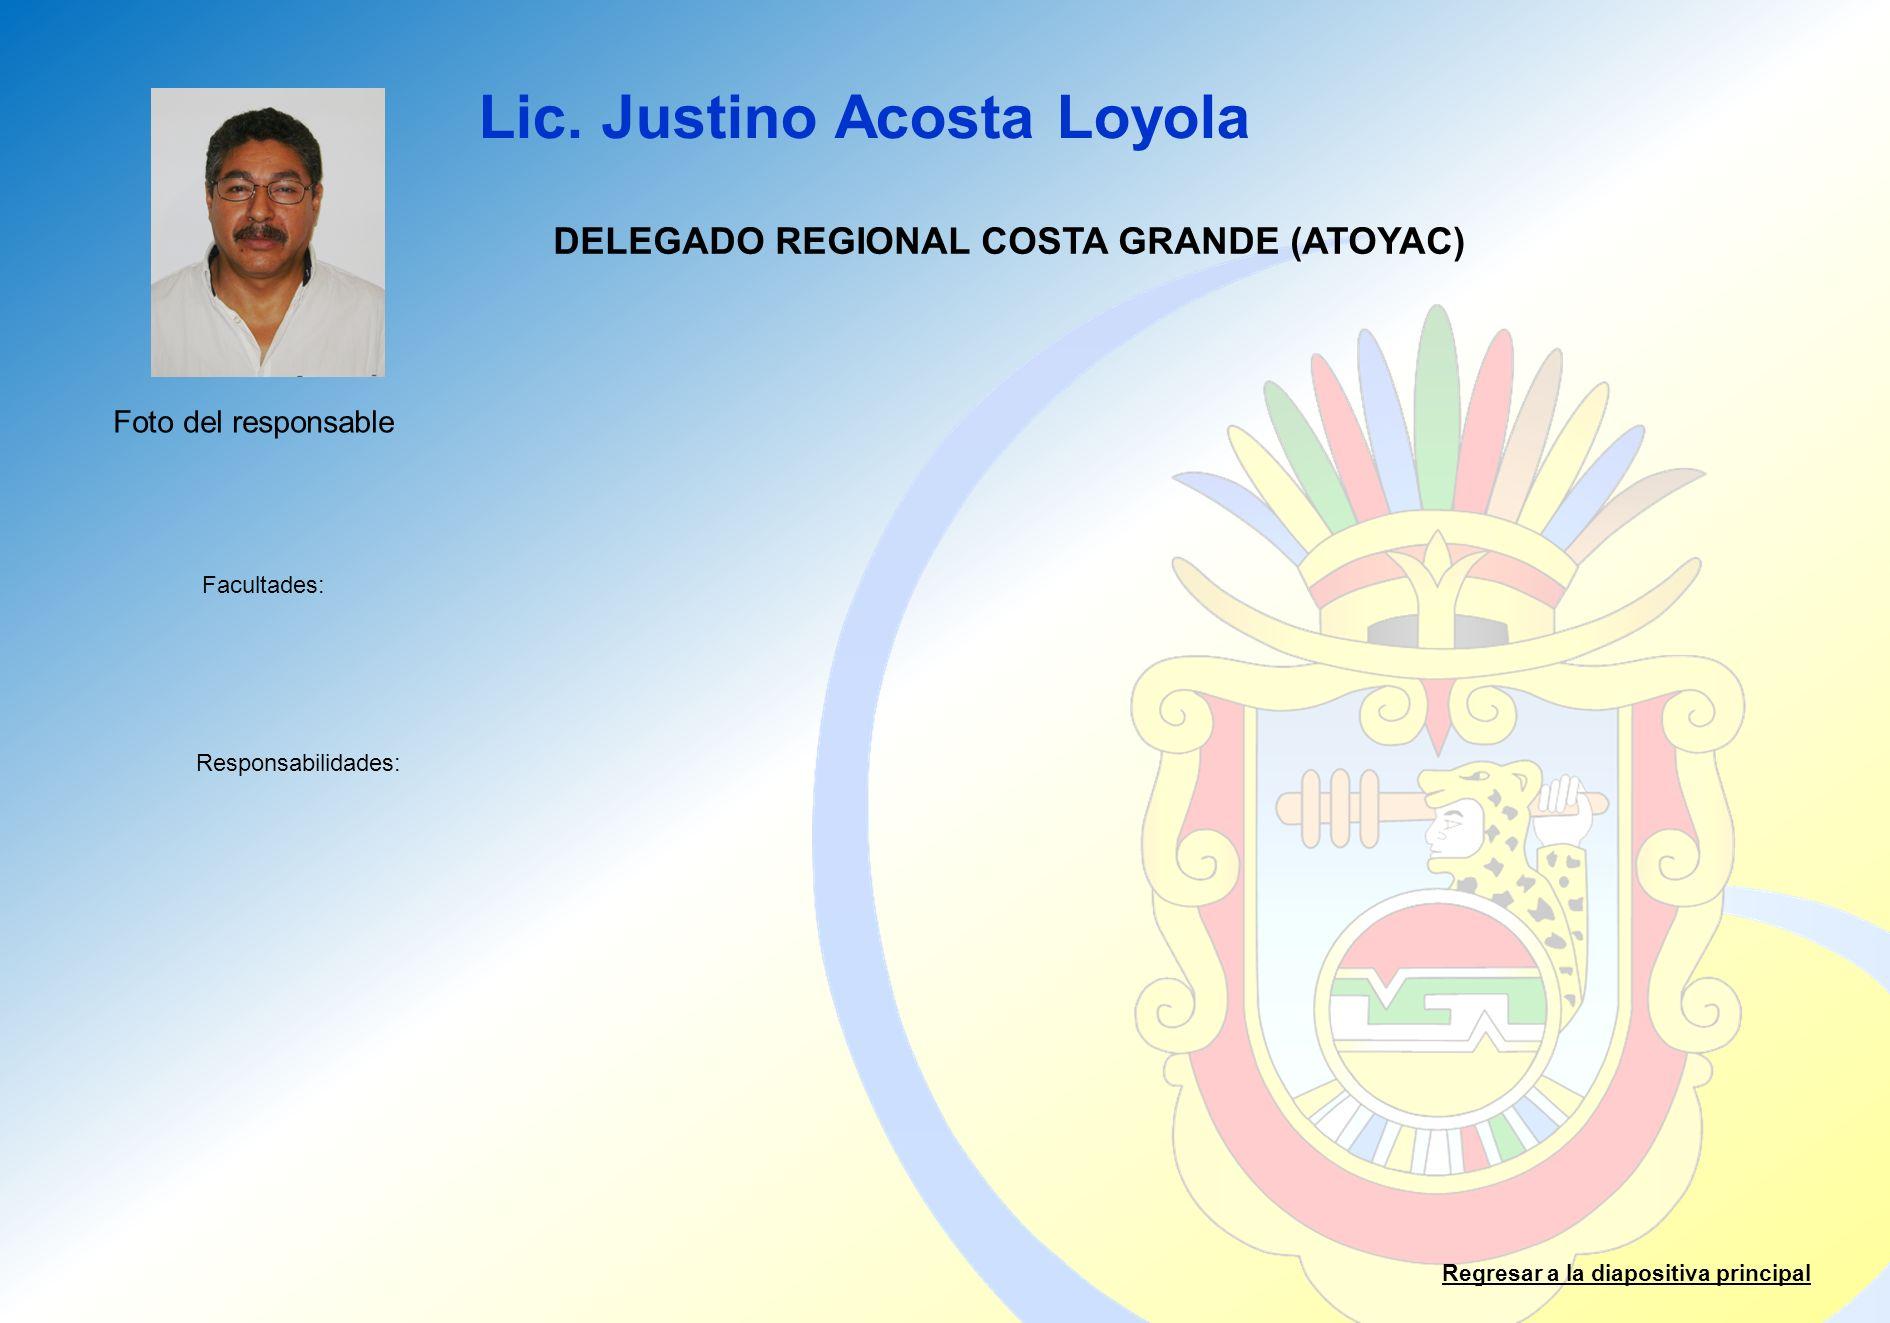 DELEGADO REGIONAL COSTA GRANDE (ATOYAC)